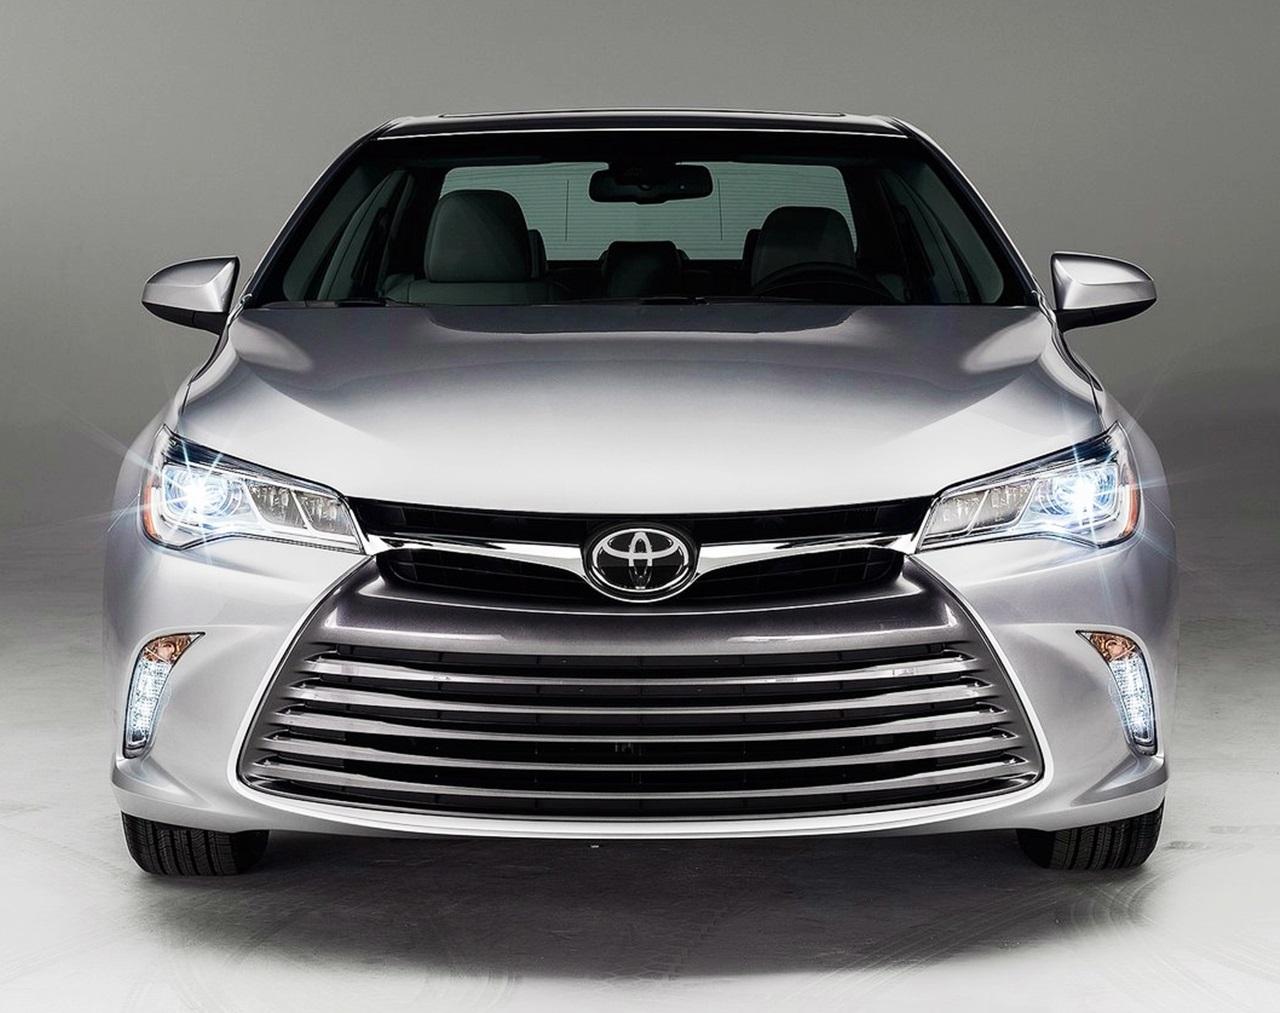 2014 Toyota Camry Xle >> 大幅刷新された 新型カムリ登場!   clicccar.com(クリッカー)